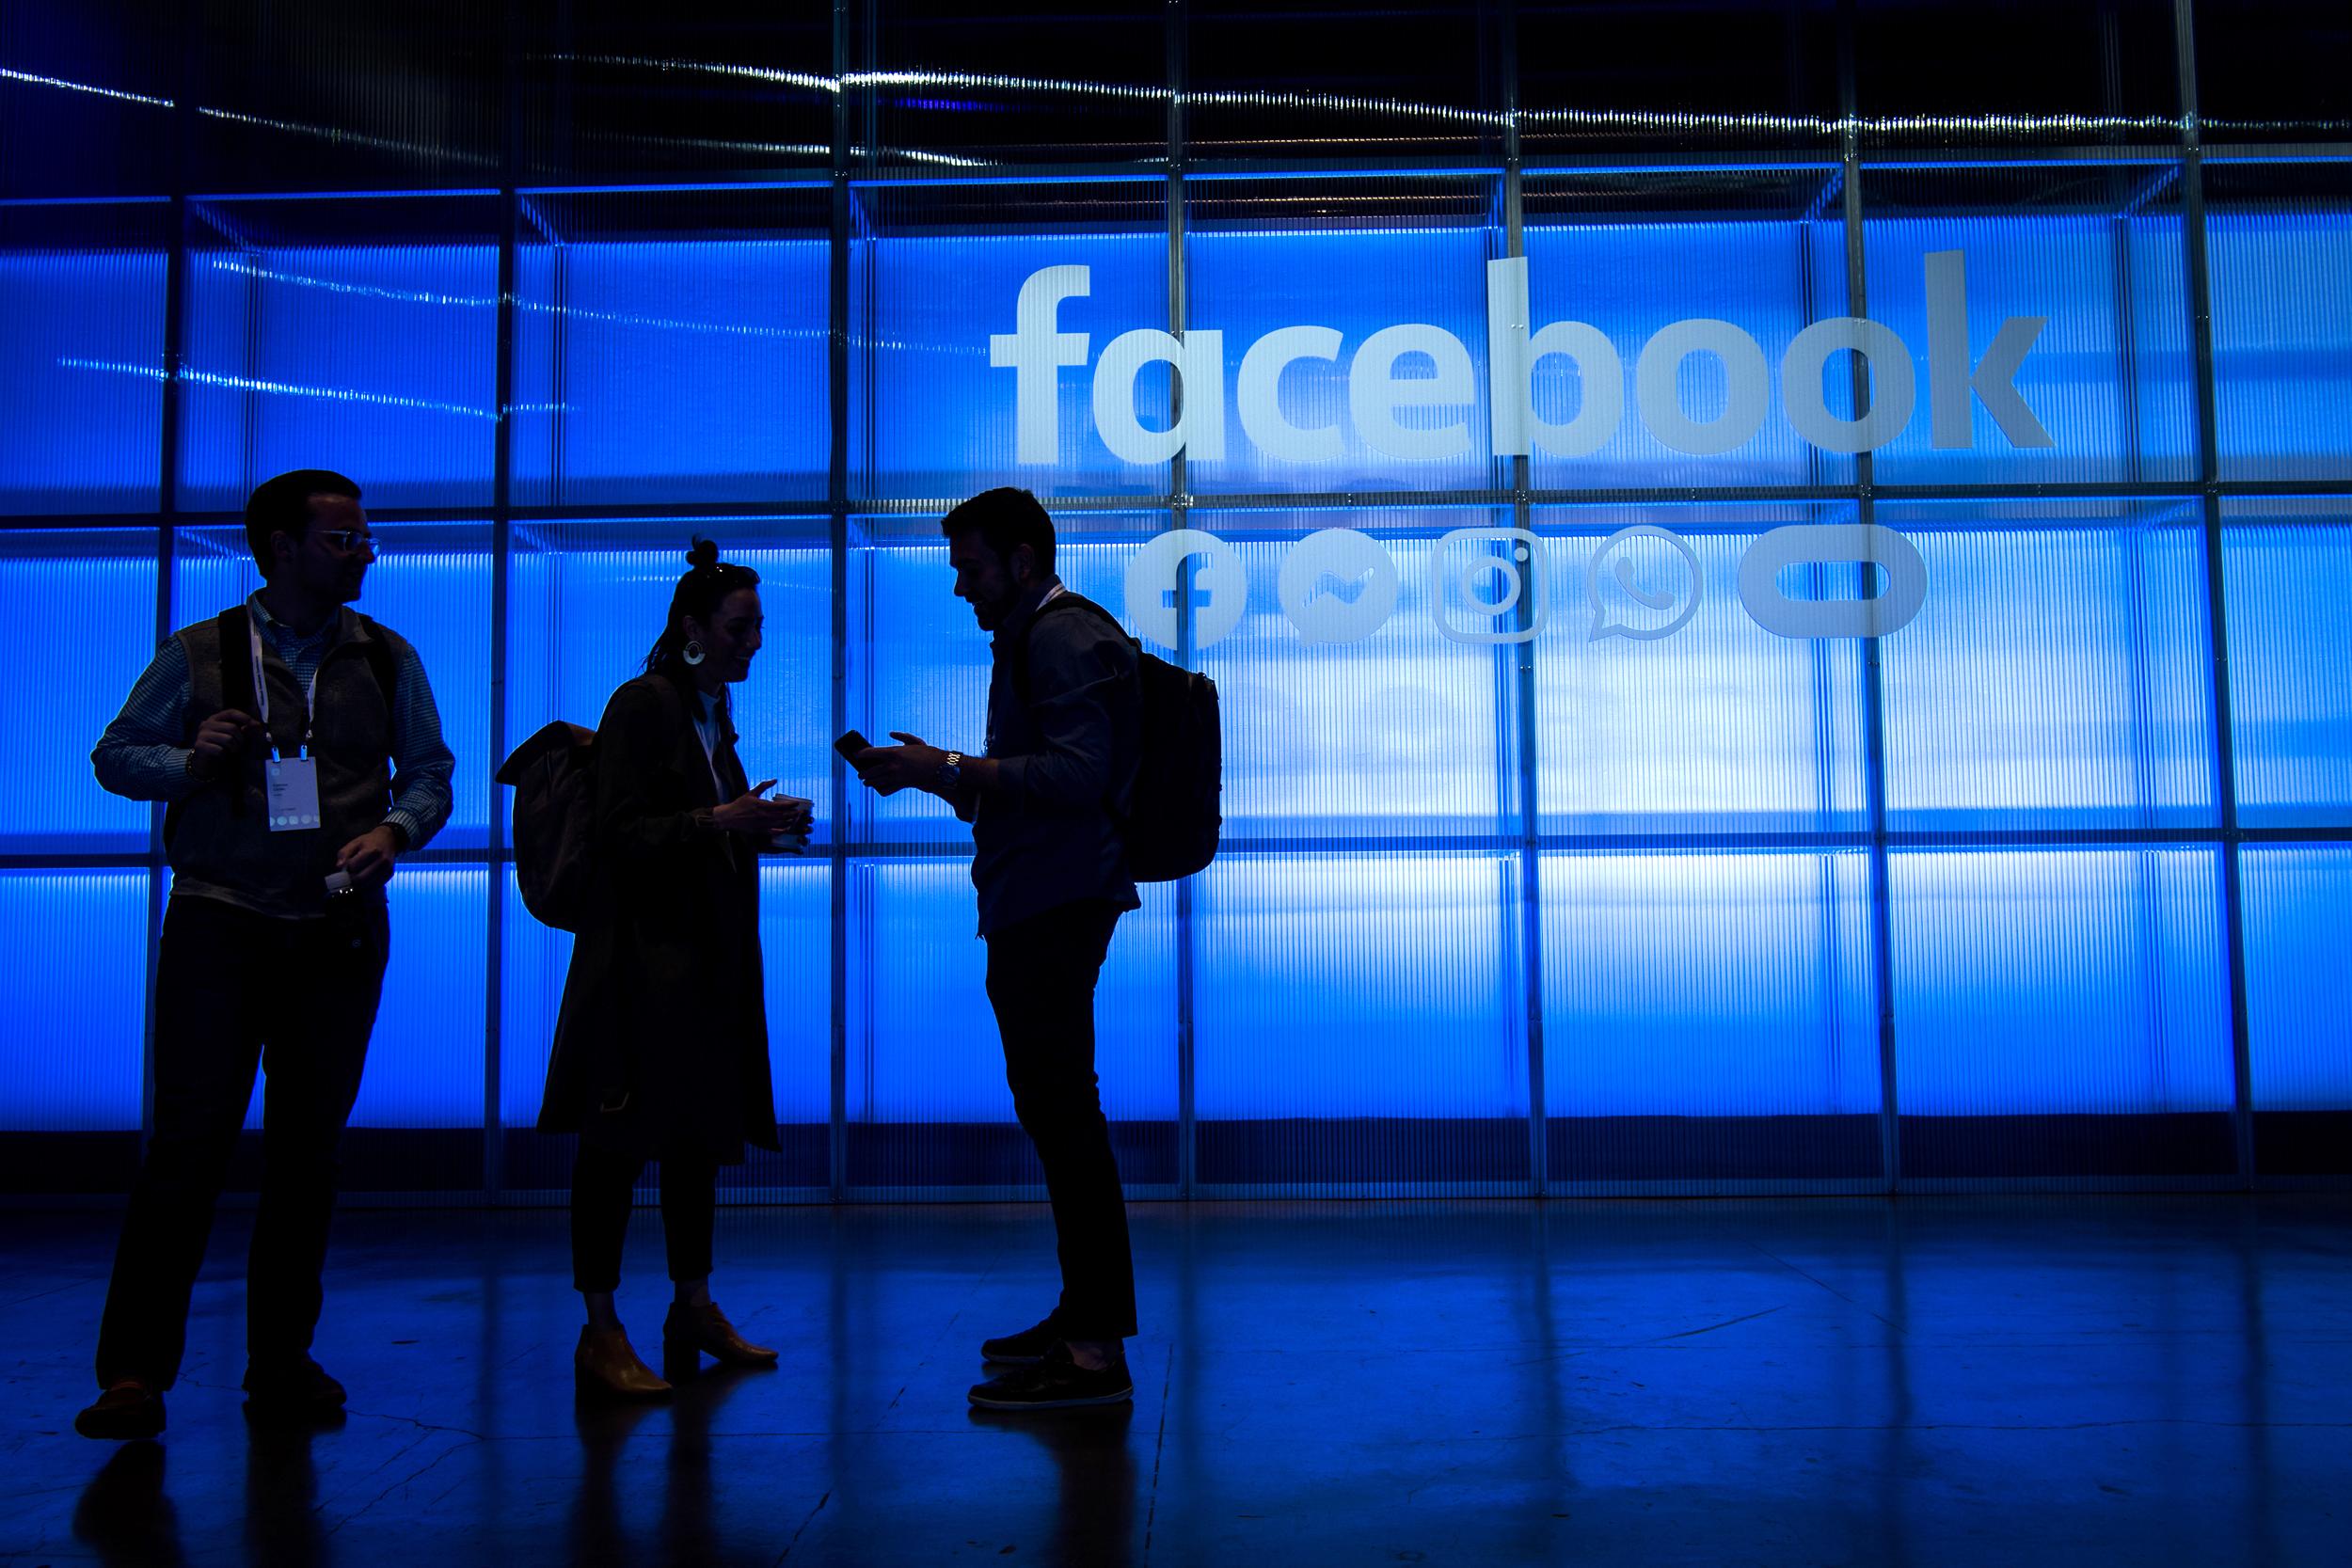 App developers sue Facebook alleging an 'anticompetitive scheme'